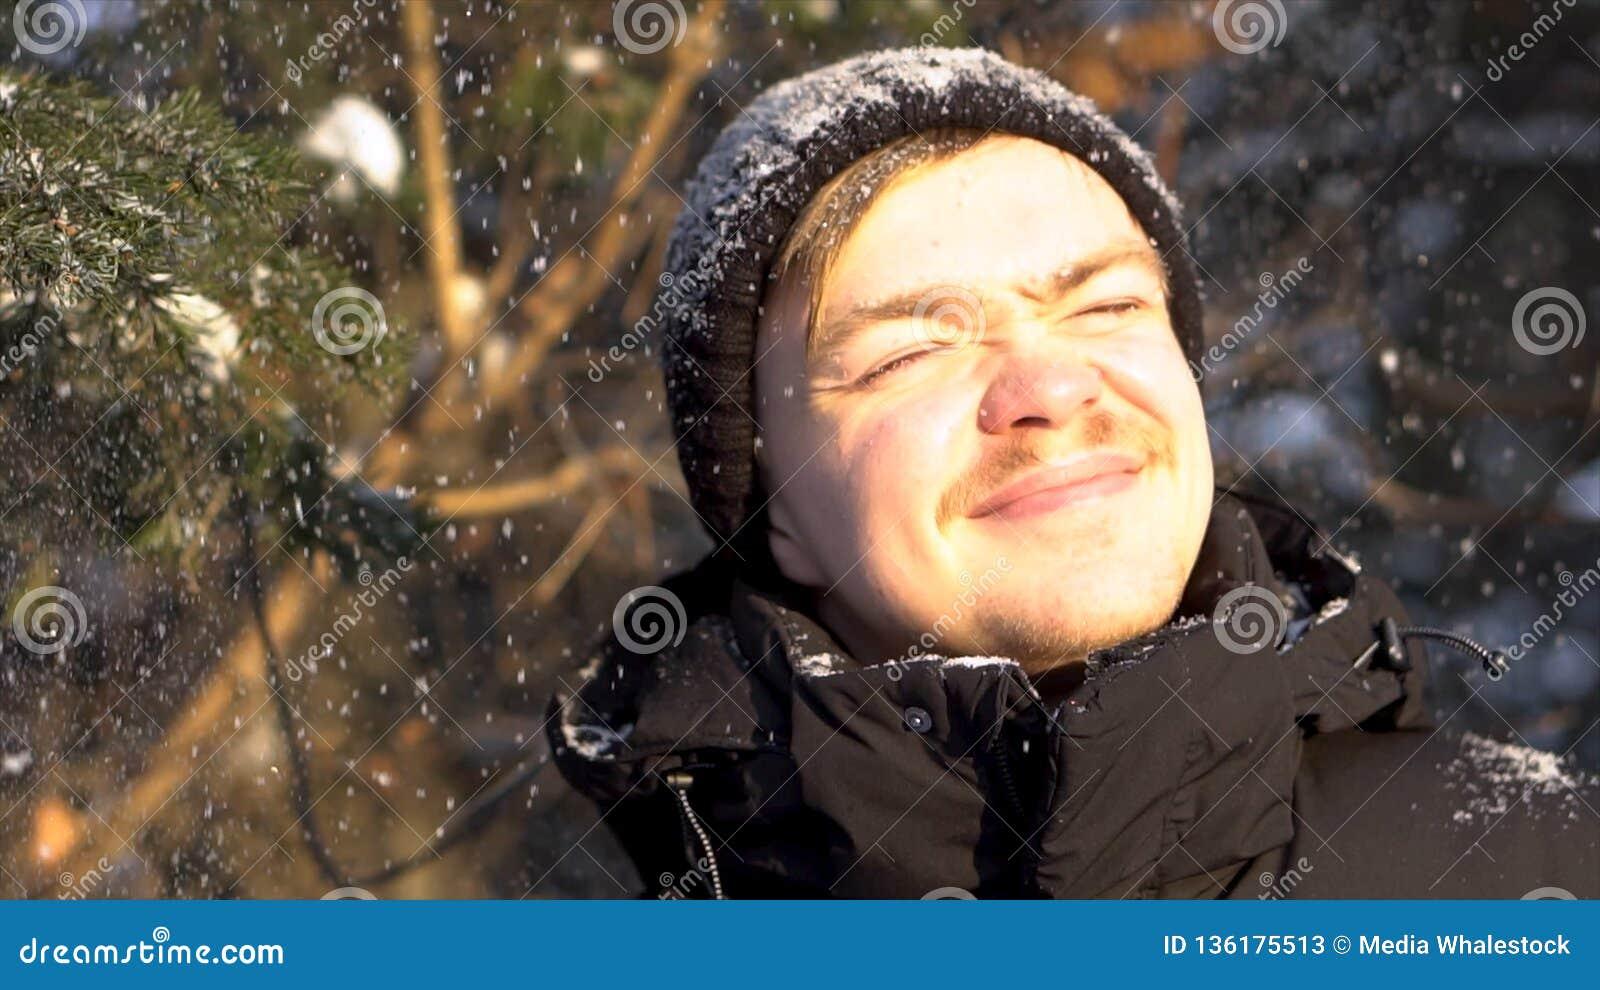 Πορτρέτο του νέου, χαμογελώντας ατόμου με το moustache που απολαμβάνει τις χιονοπτώσεις στο χειμερινό δάσος, που στραβίζει τα μάτ